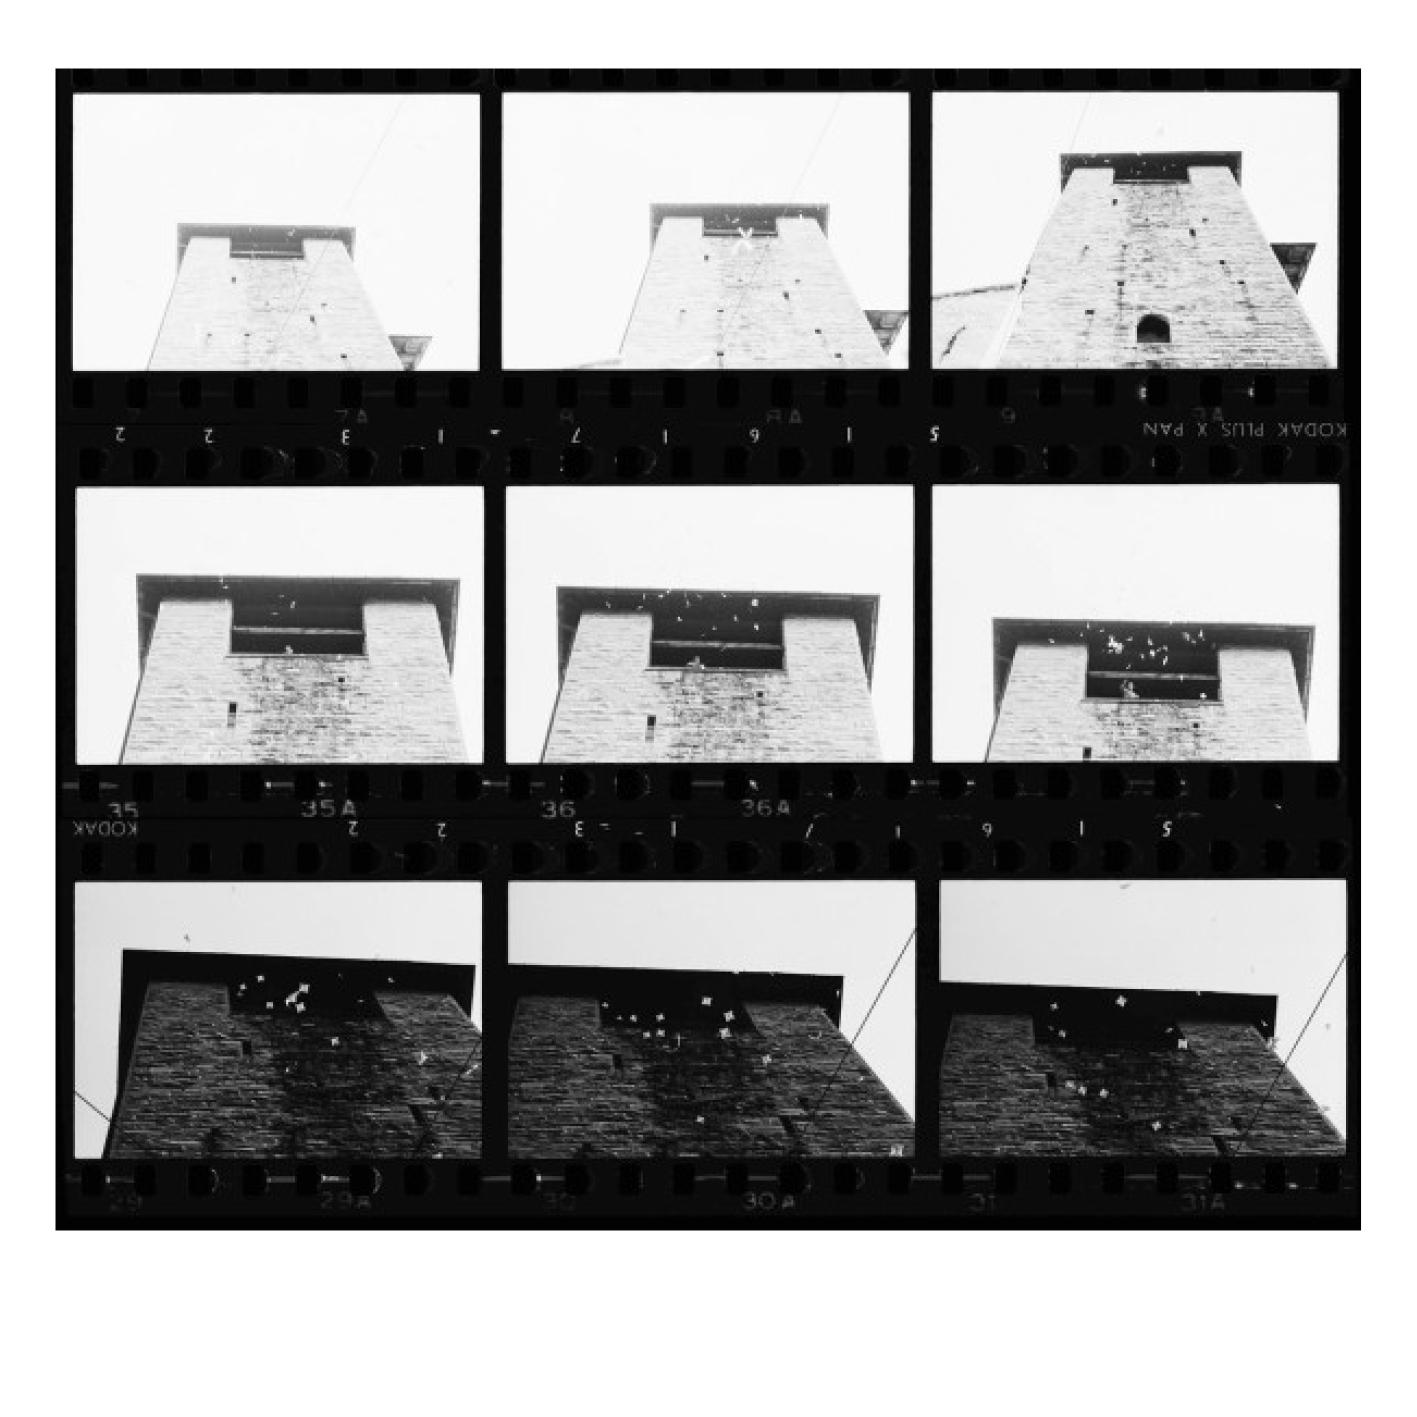 Ugo Mulas - Bruno Munari, Visualizzazione dell'aria, Campo urbano, Como, 1969